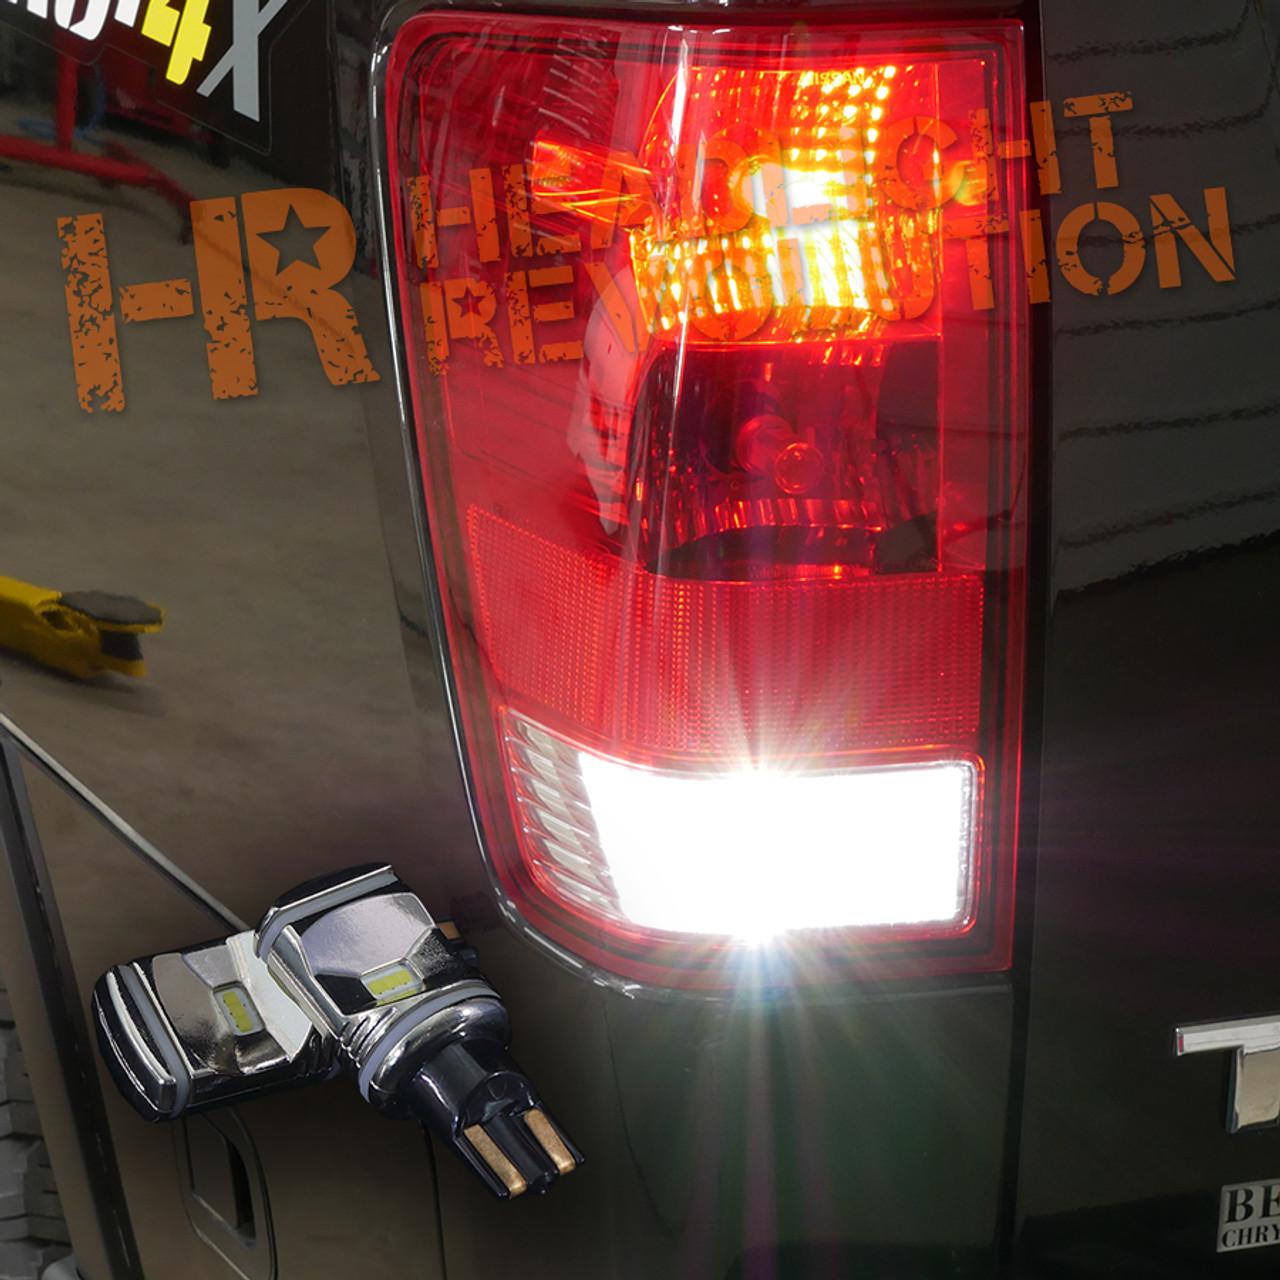 2003 2018 nissan titan led reverse light bulb upgrade headlight Nissan Titan Rear Axle 2003 2018 nissan titan led reverse light bulb upgrade